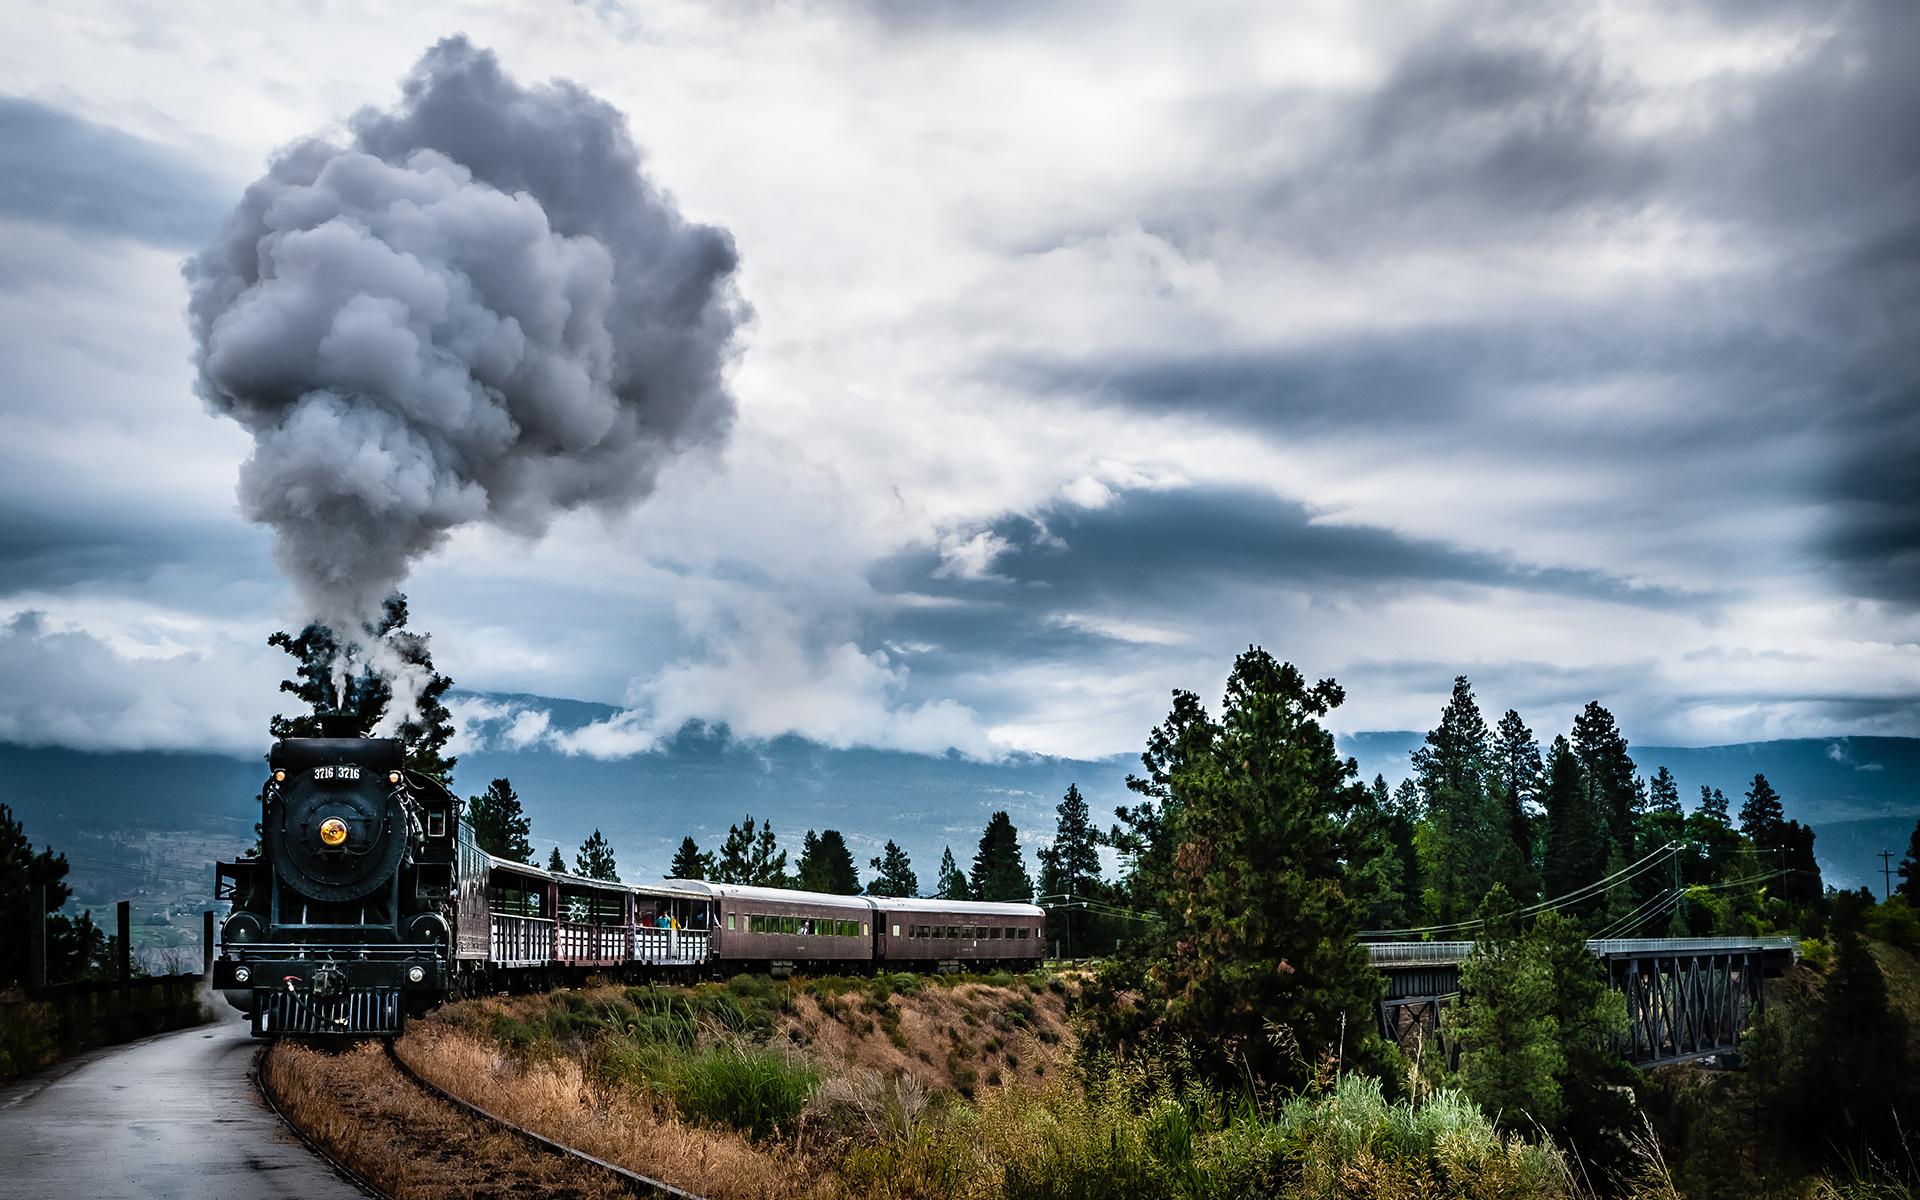 Train wallpaper 31422 1920x1200